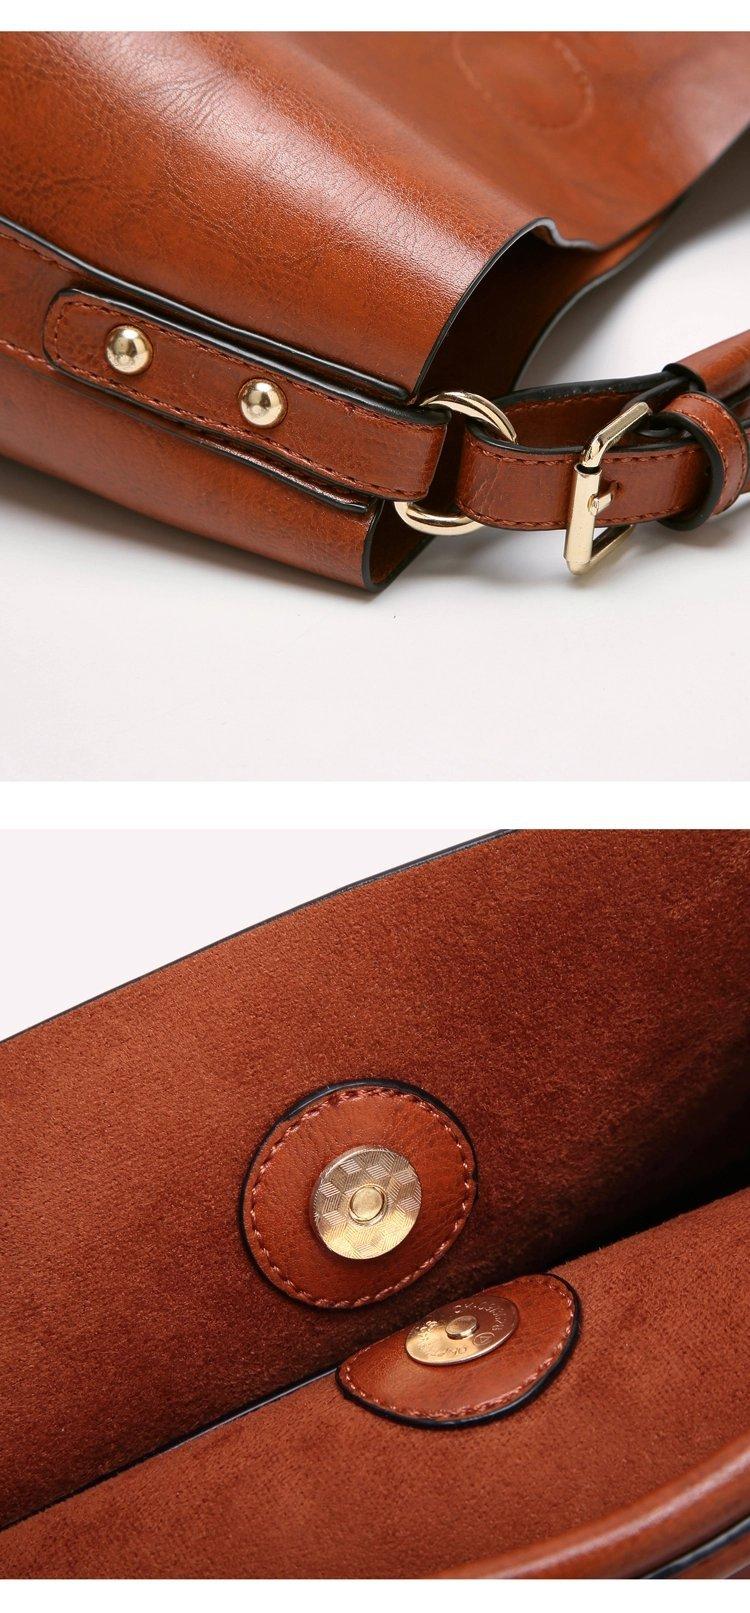 Women Handbags Designer Ladies Satchel Hobo Bags Tote PU Leather Handbags Shoulder Purse by BragBag (Image #2)